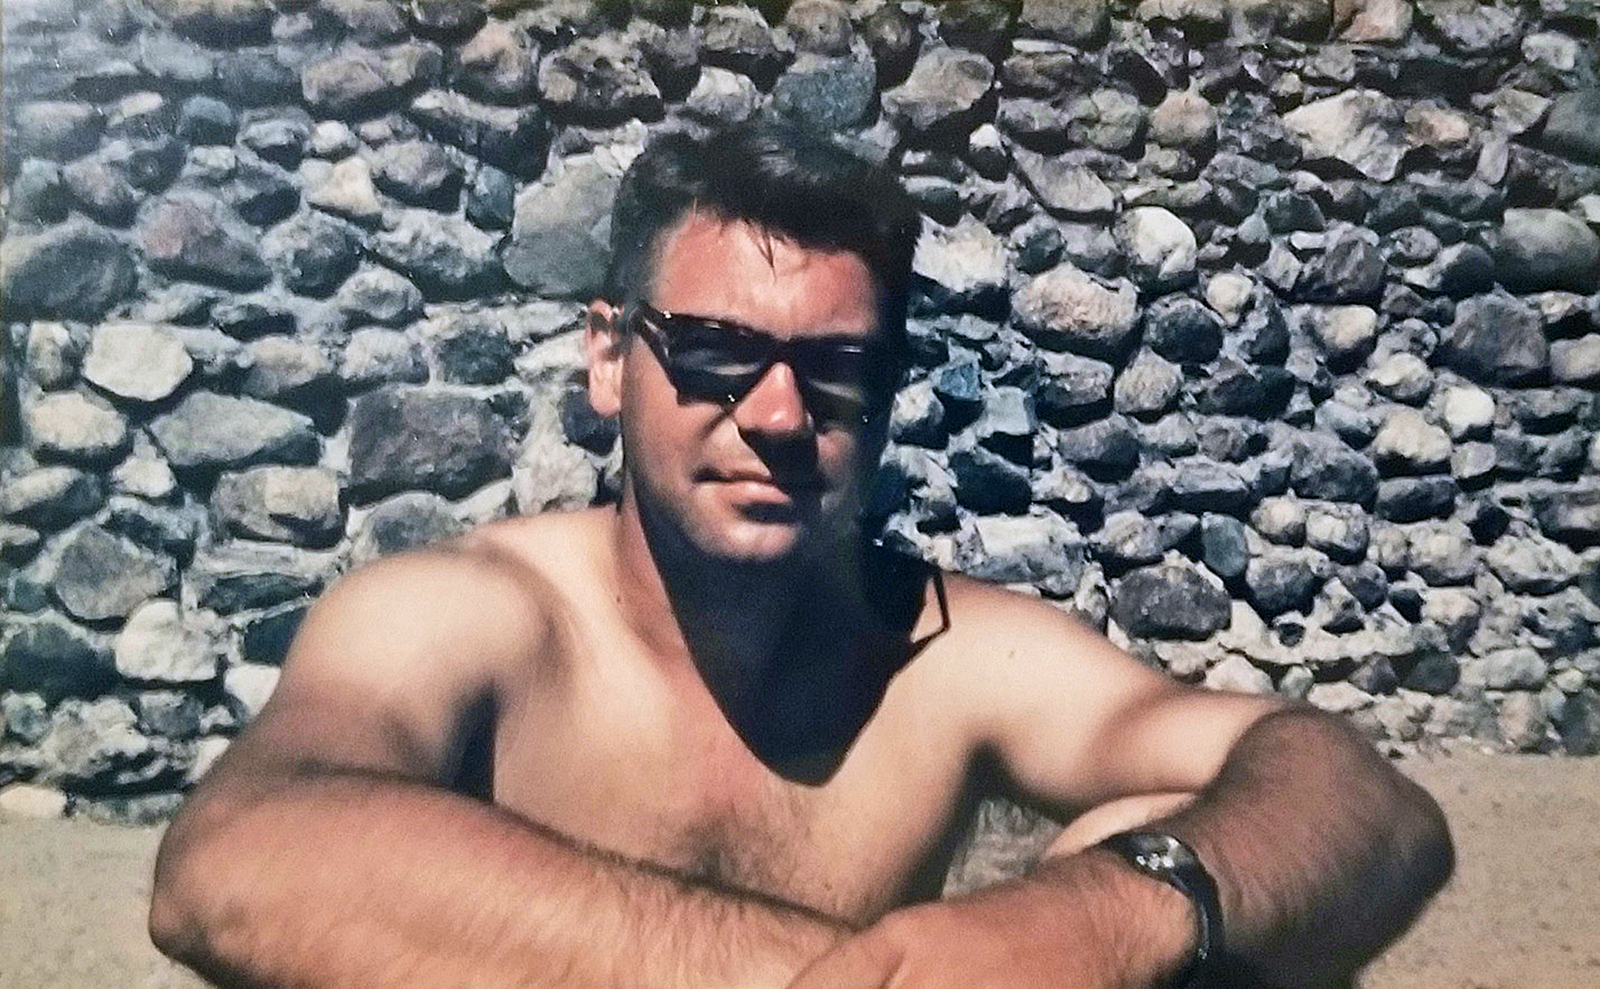 DADDY_RICHARDHAROLDJOHNSON_AUG1960_PINEHURSTLODGE_WP